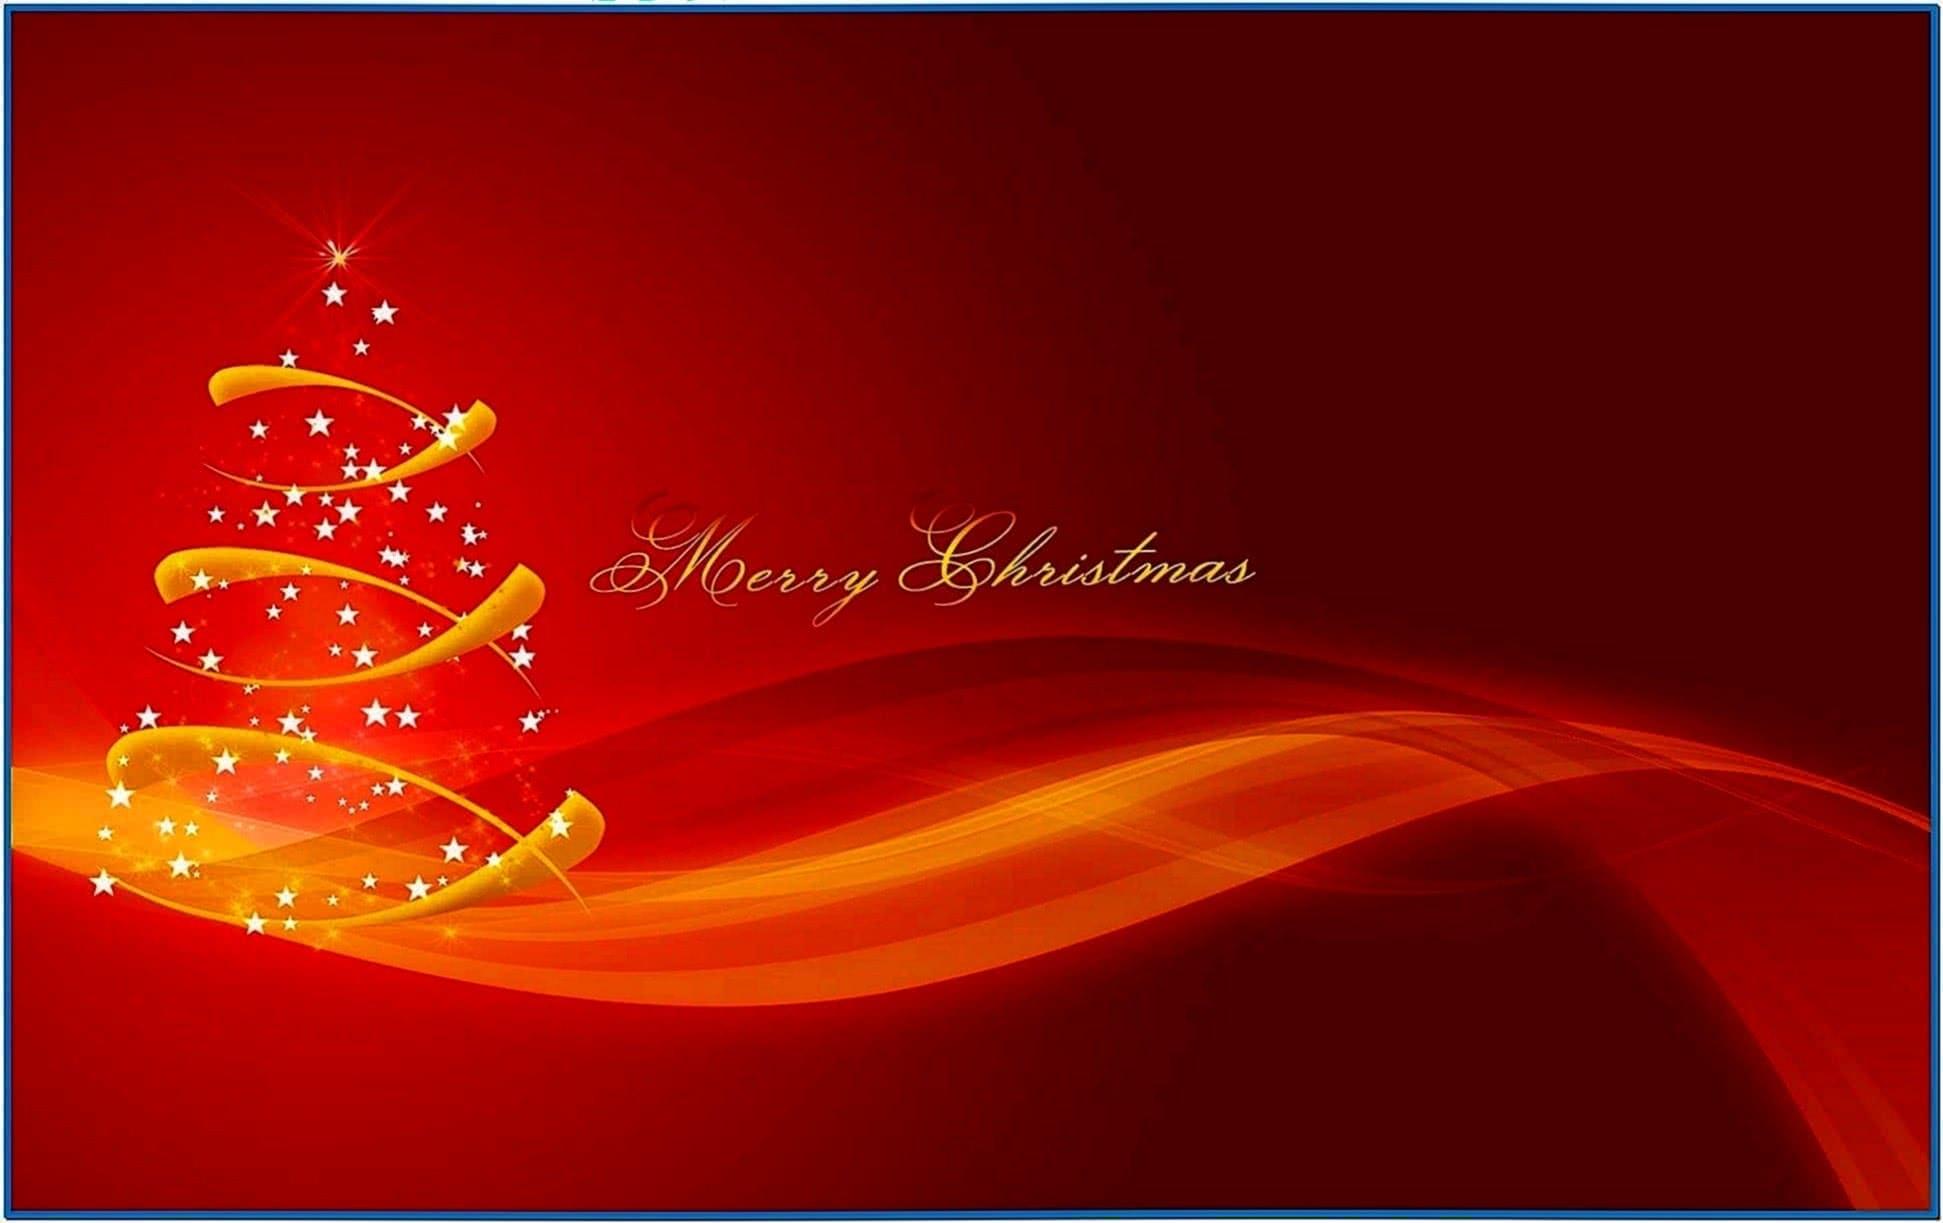 Merry Christmas Animated Screensaver